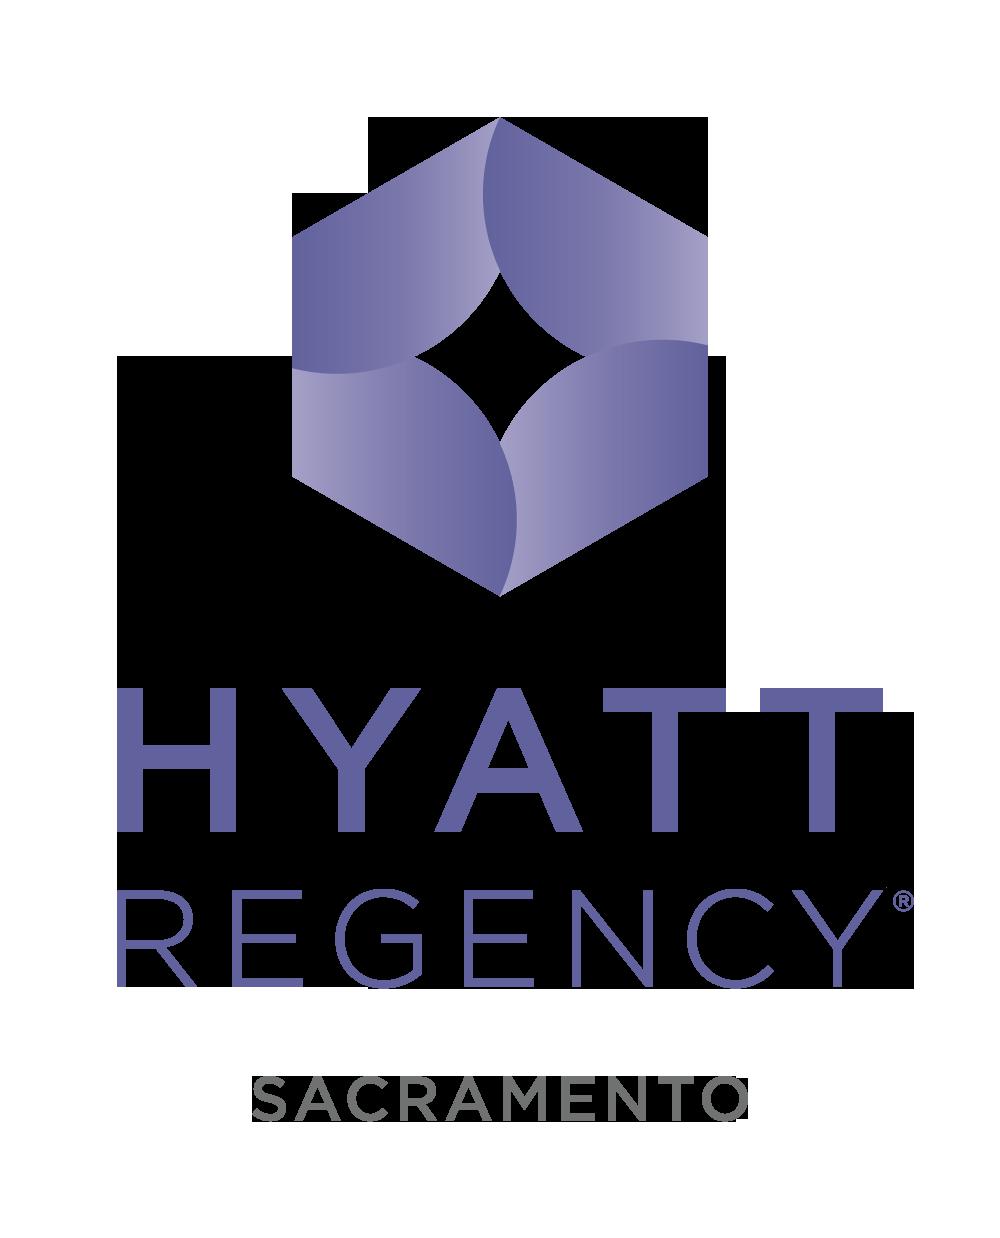 Hyatt Regency Sacramento logo